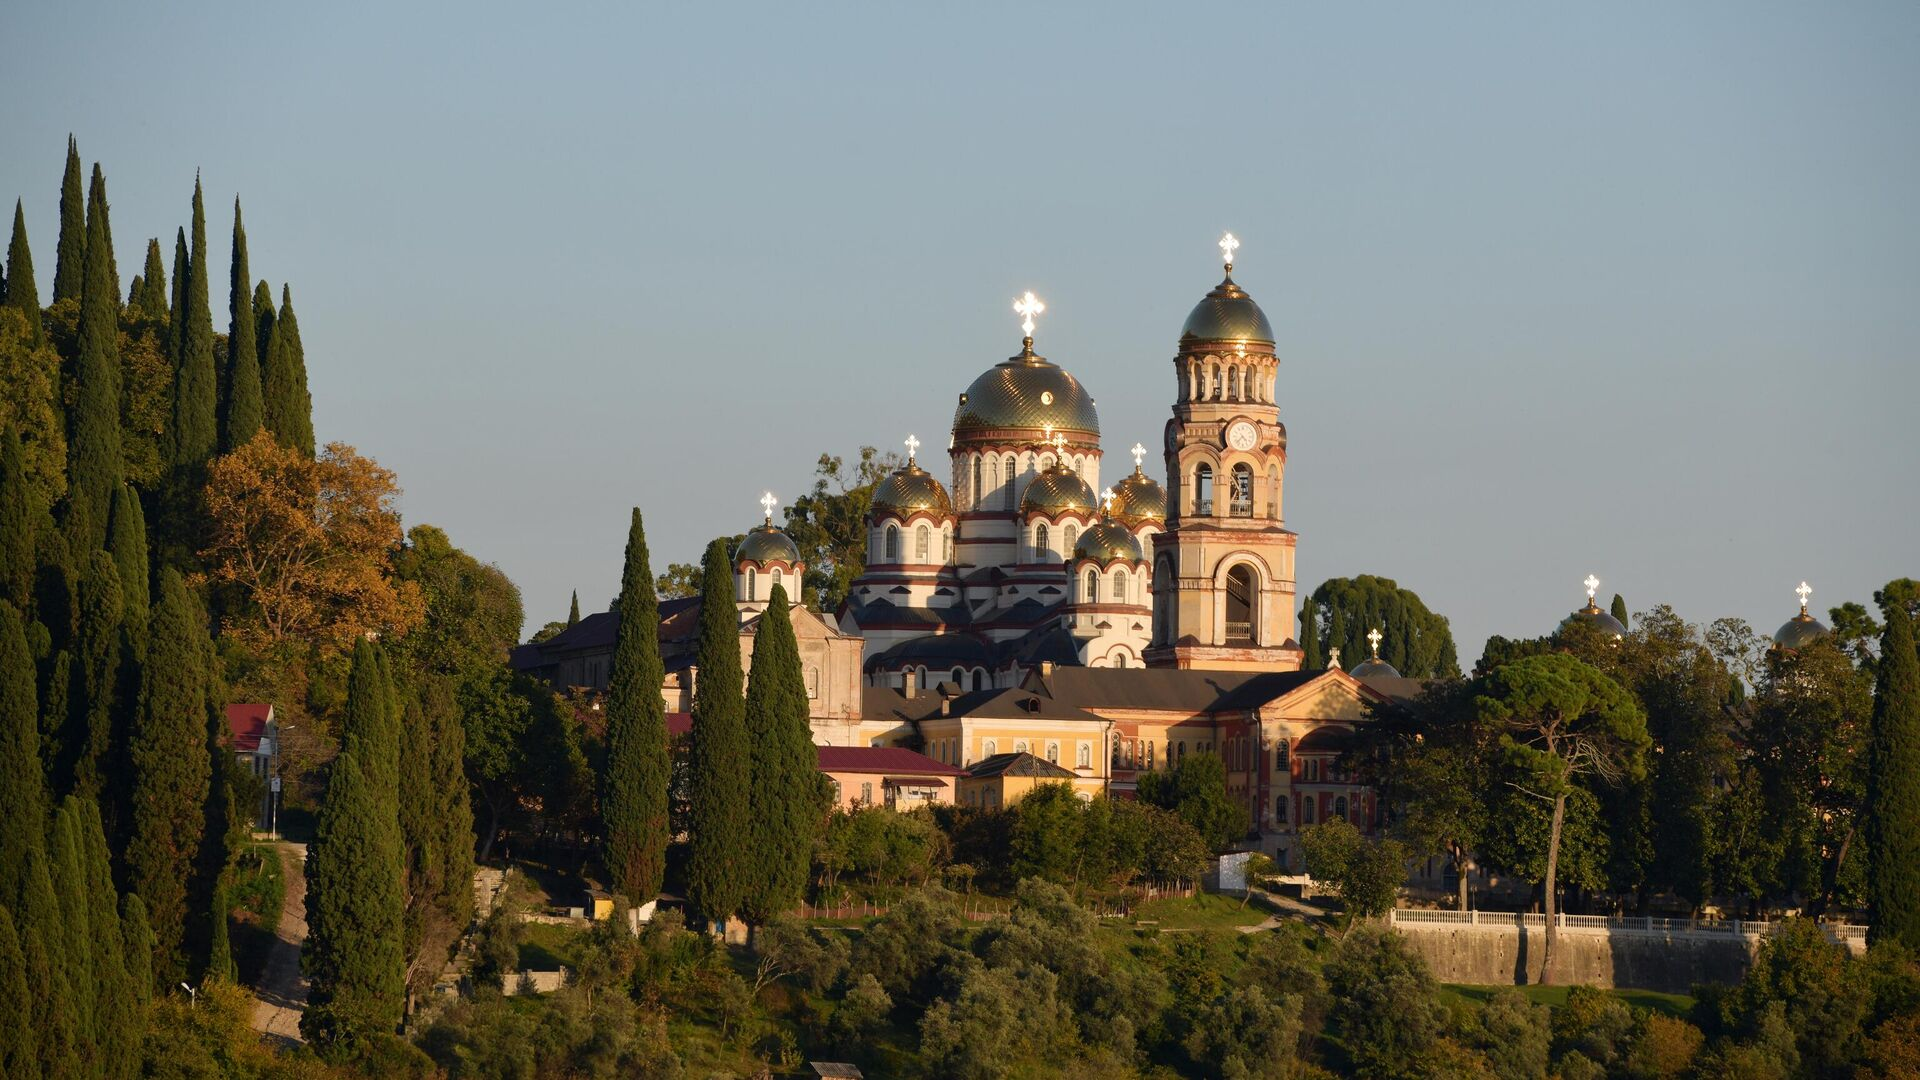 Ново-Афонский Симоно-Кананитский монастырь в Новом Афоне - РИА Новости, 1920, 13.01.2021